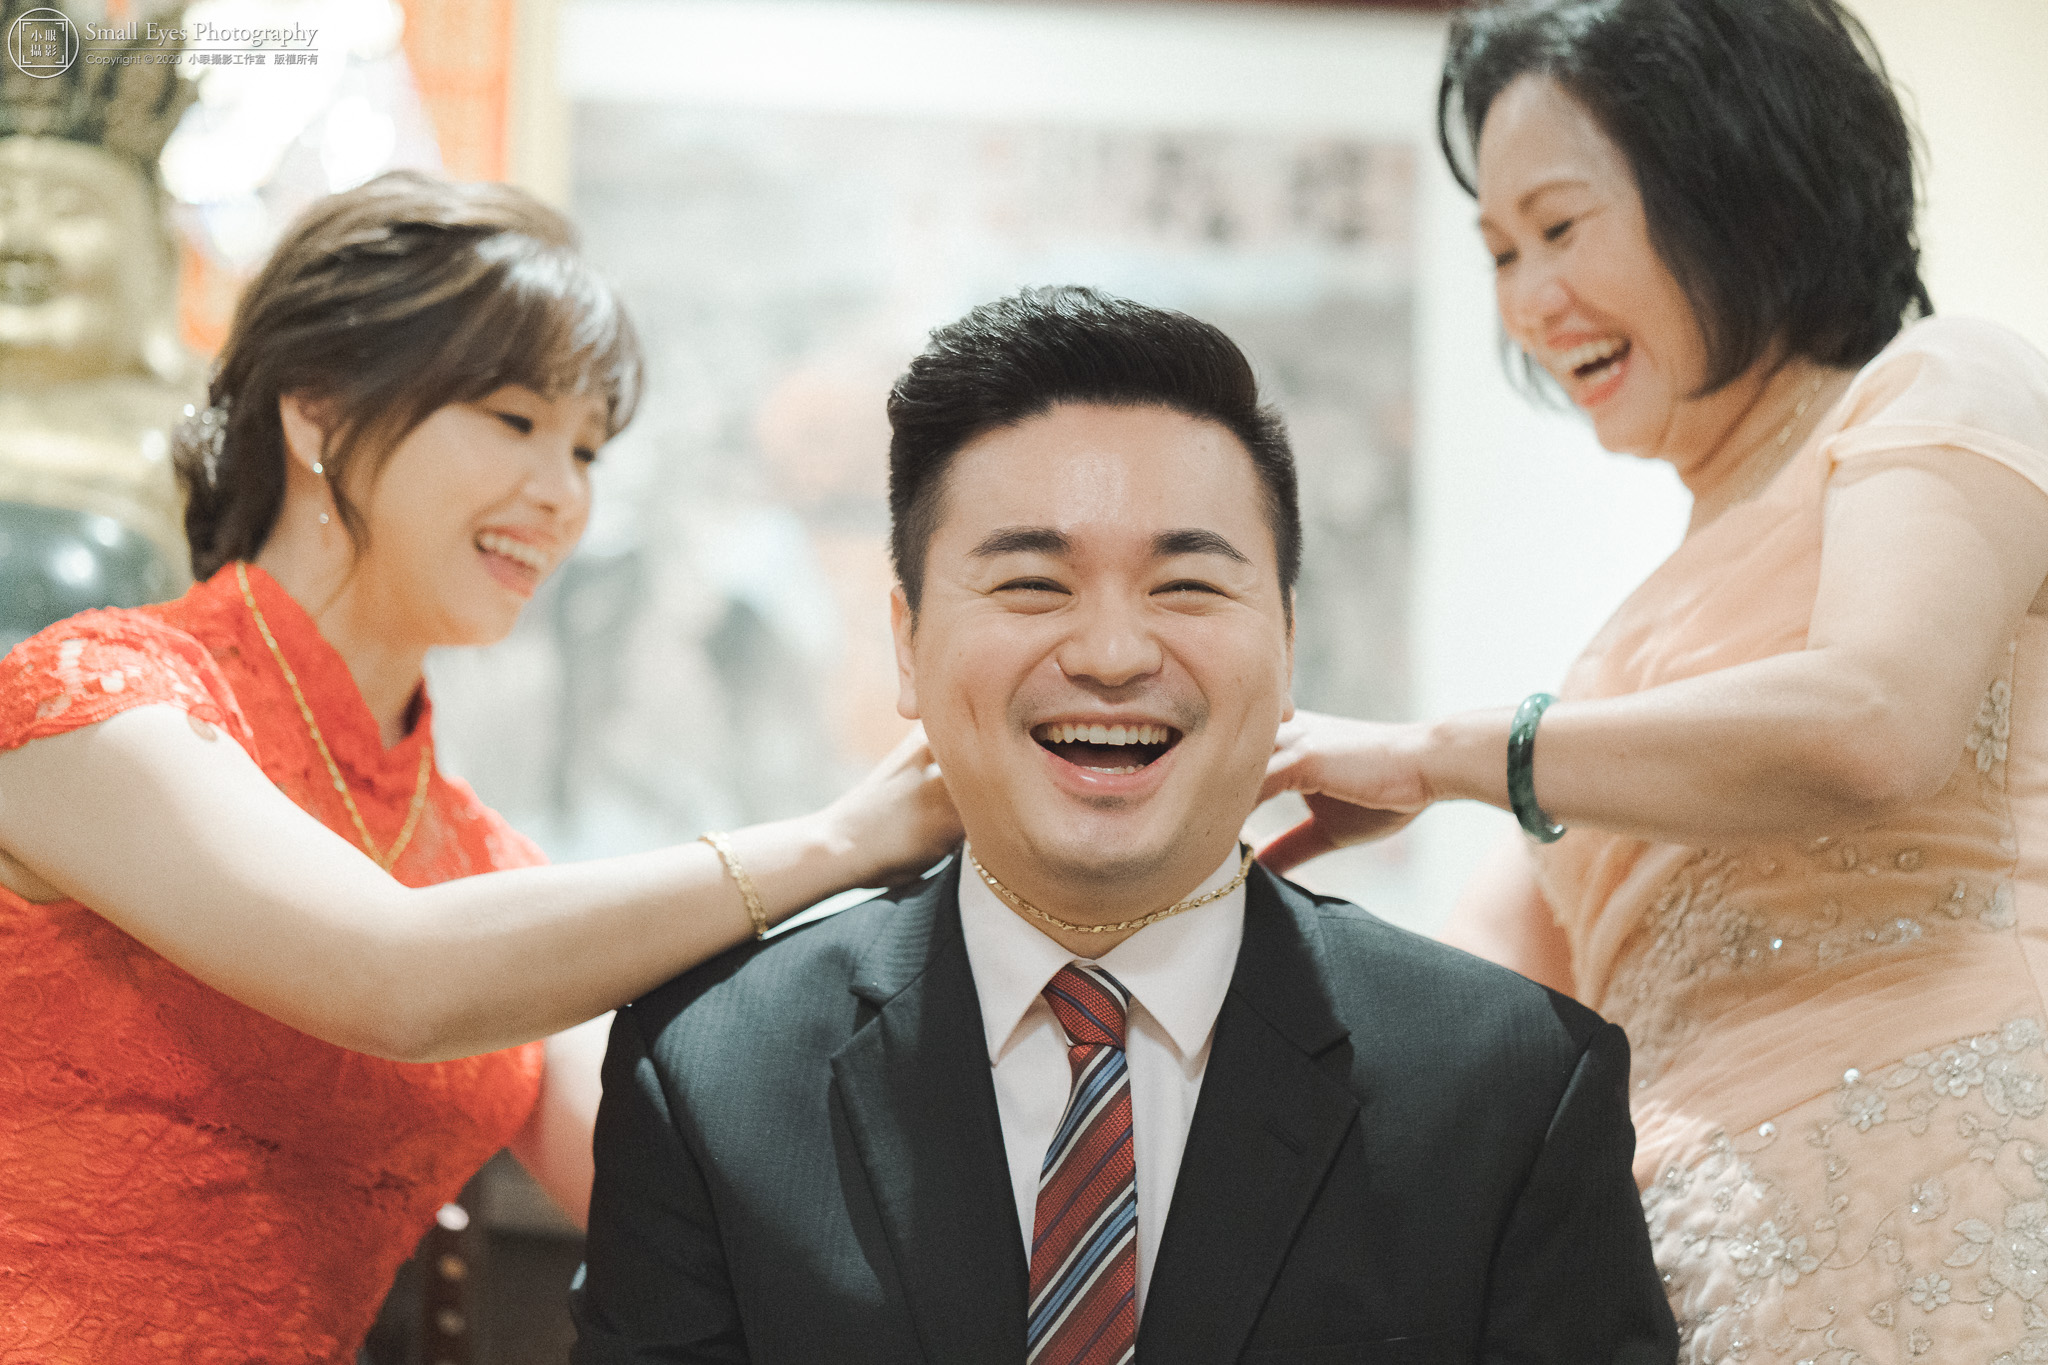 小眼攝影,婚攝,傅祐承,婚禮攝影,婚禮紀實,婚禮紀錄,台北,國賓,大飯店,巴洛克zoe,新娘秘書,項鍊